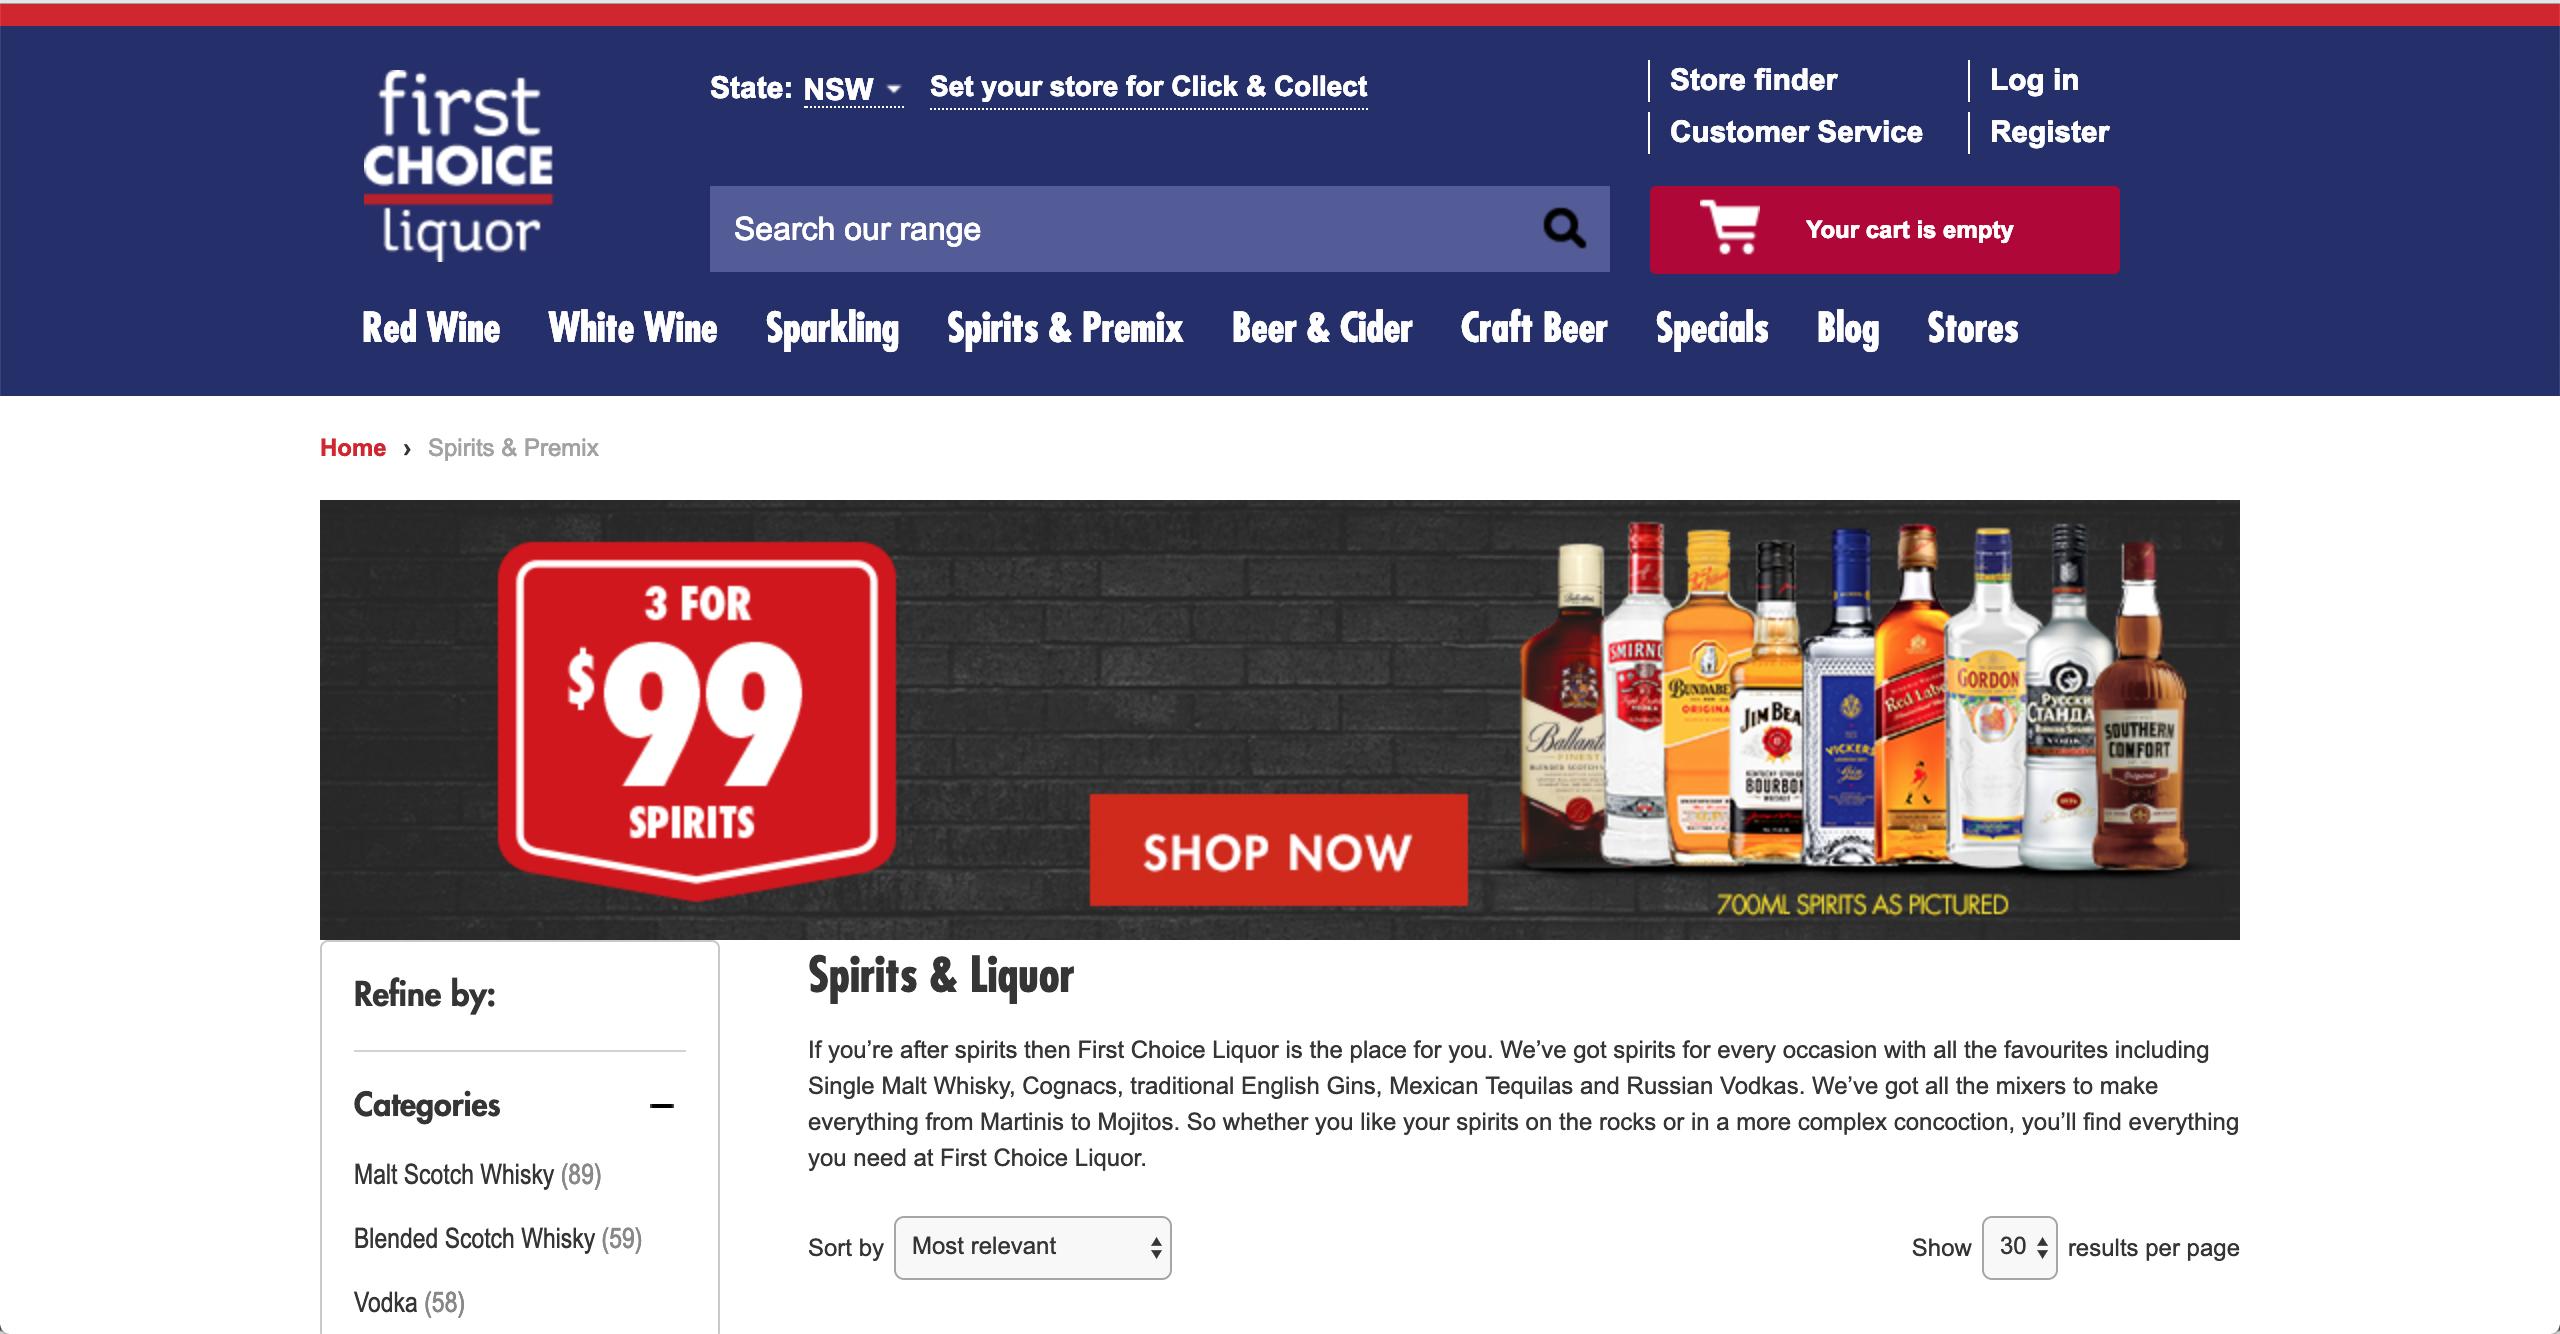 First Choice Liquor Spirits & Premixed